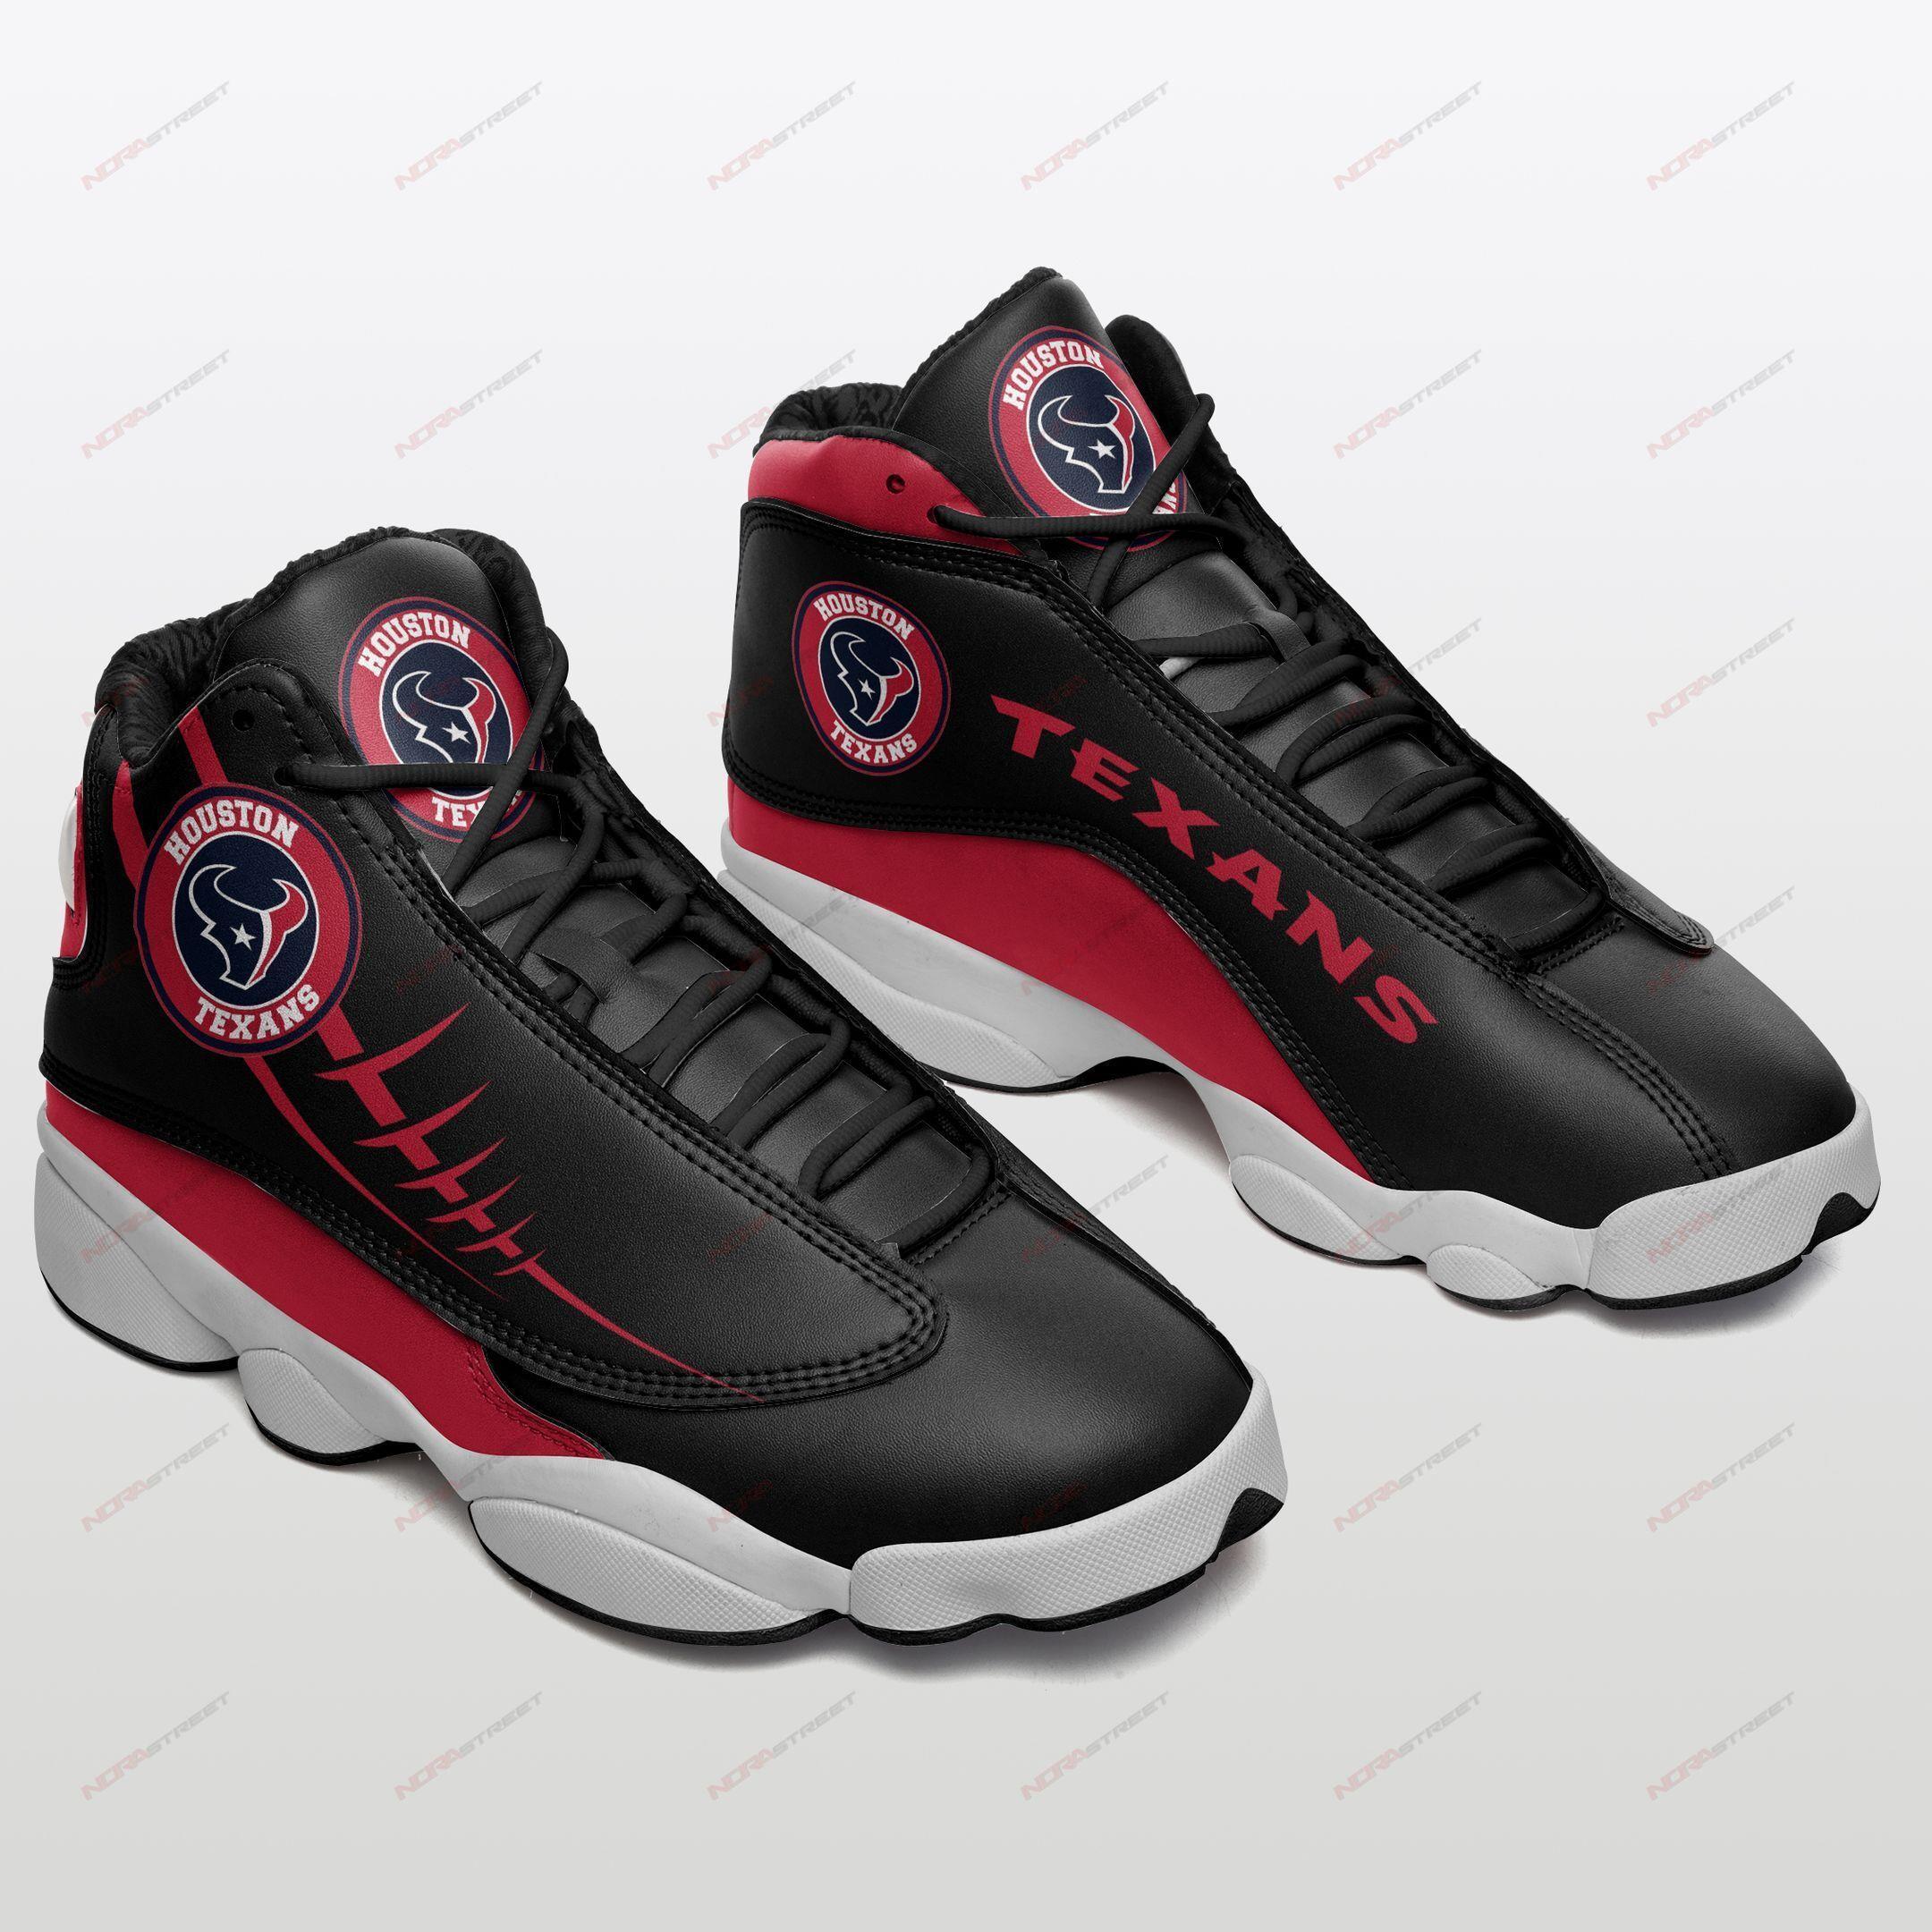 Houston Texans Air Jordan 13 Sneakers Sport Shoes Plus Size